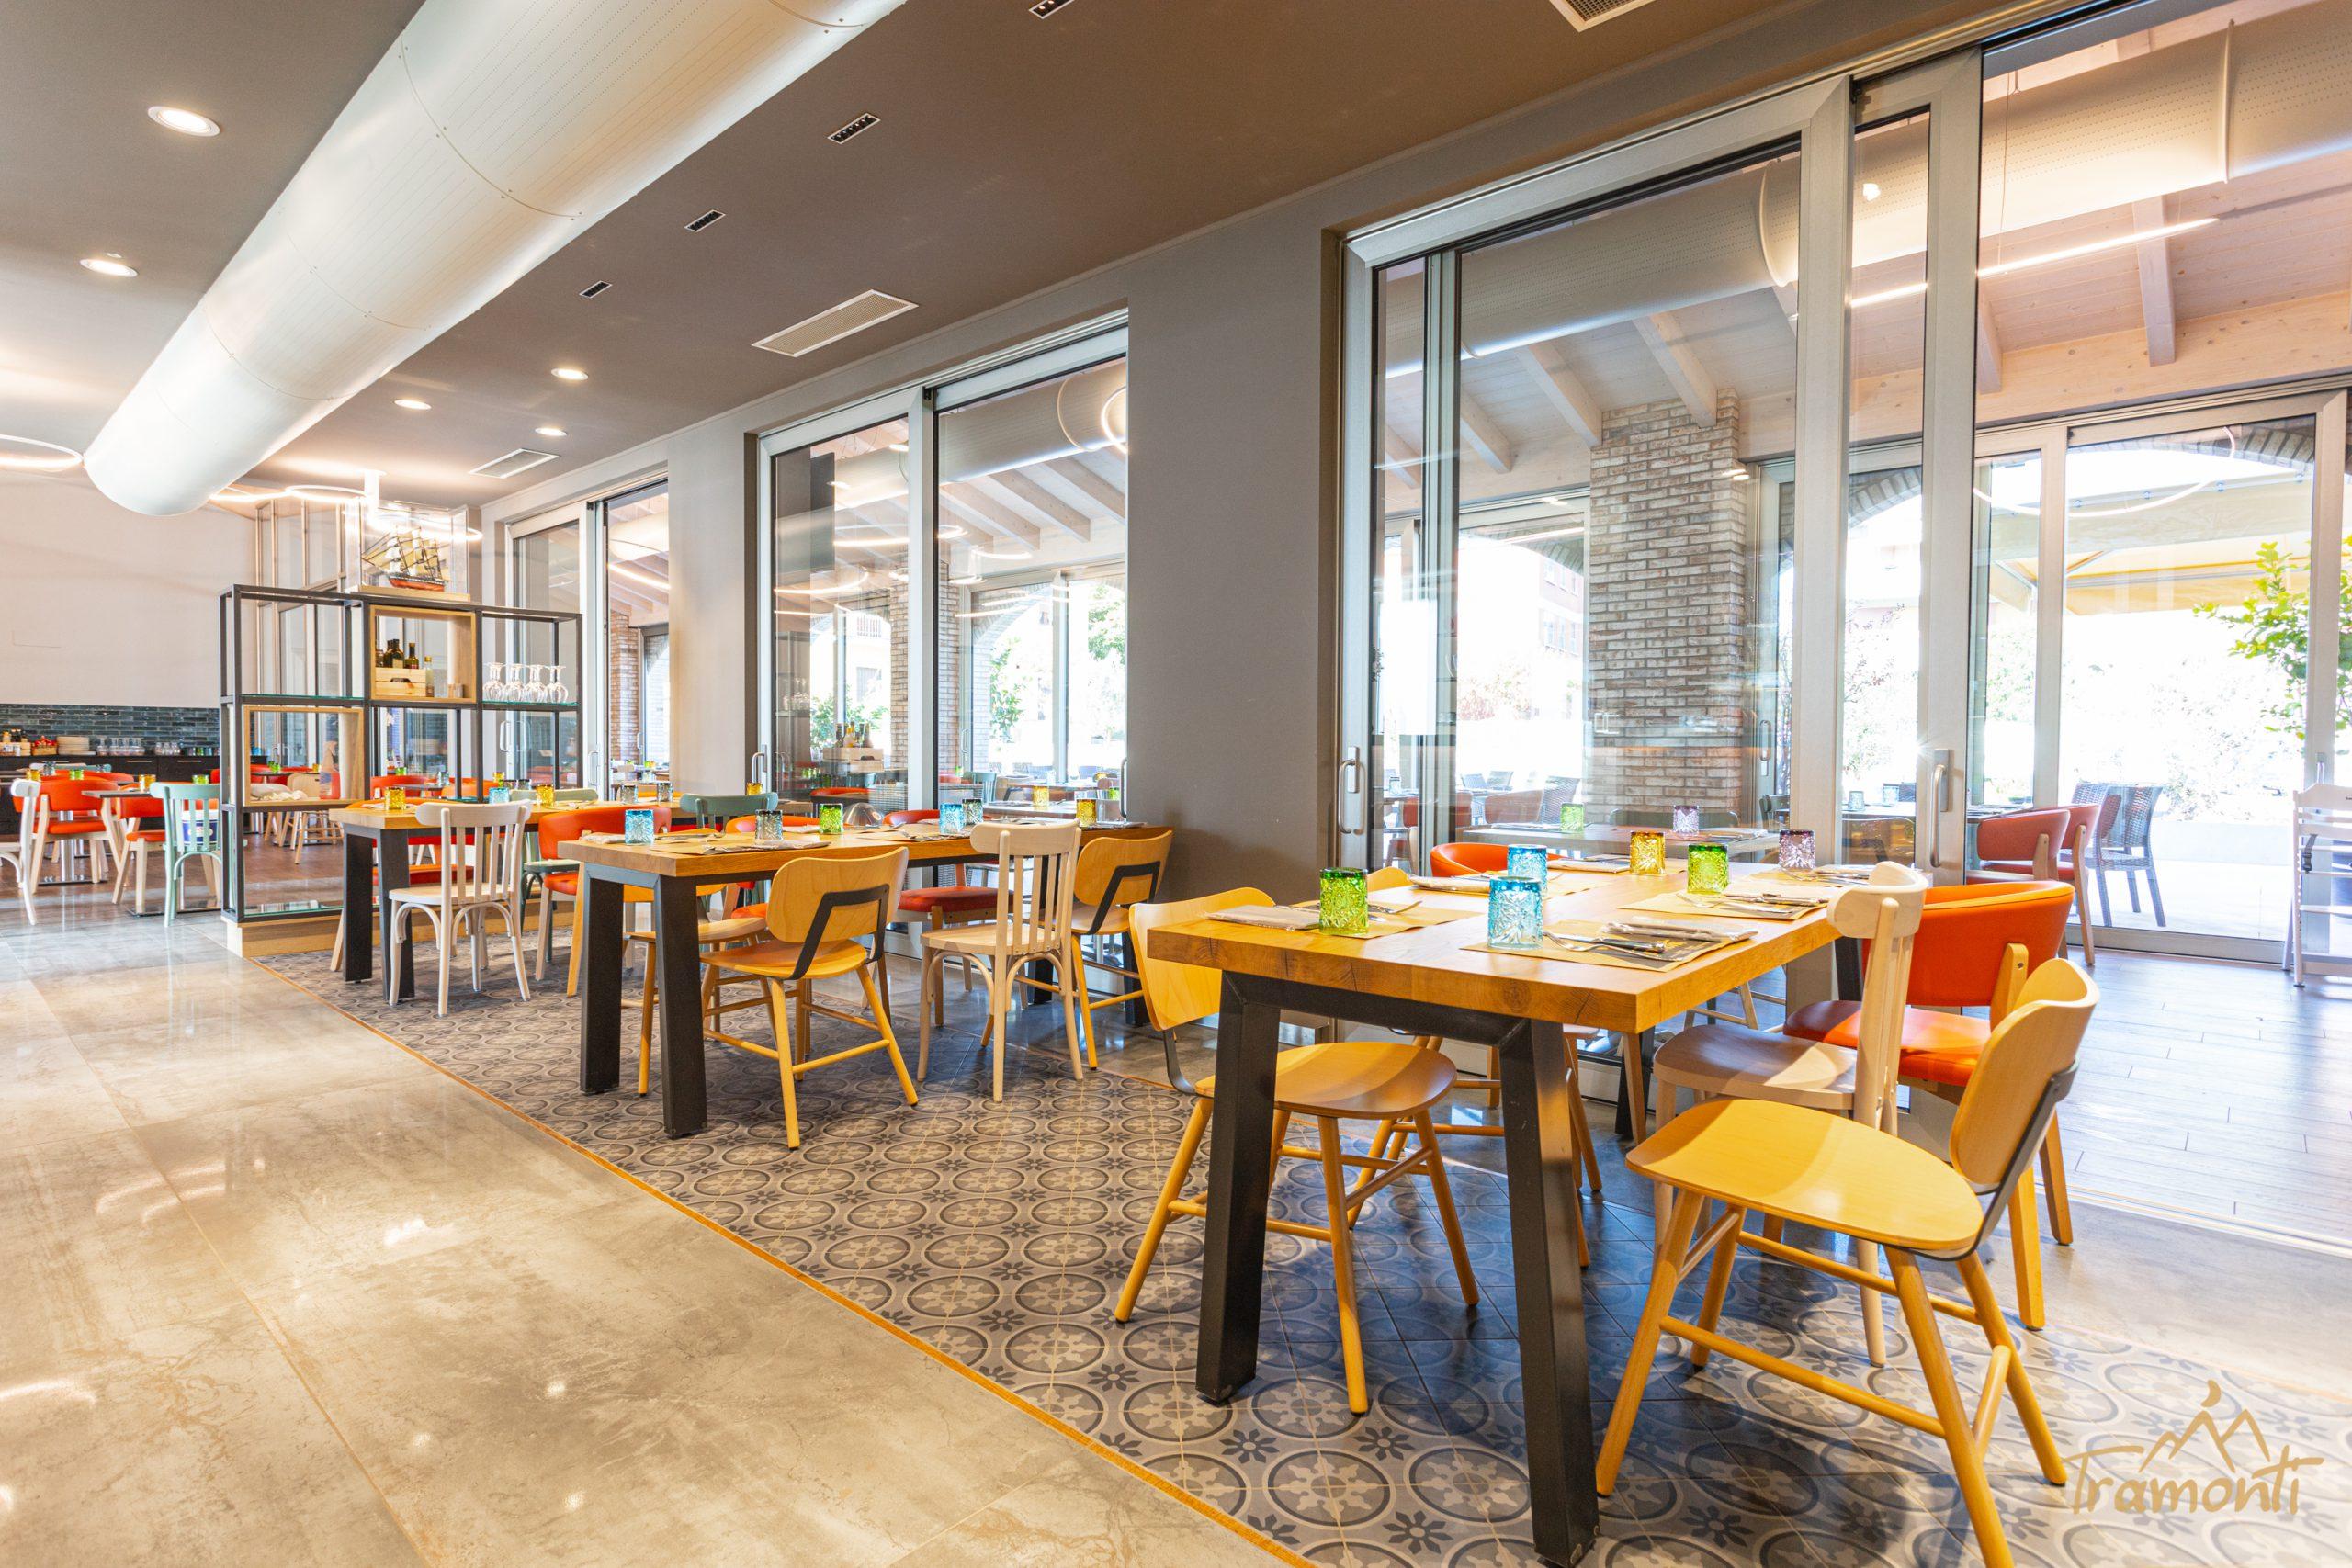 tavoli di legno del ristorante tramonti a parma